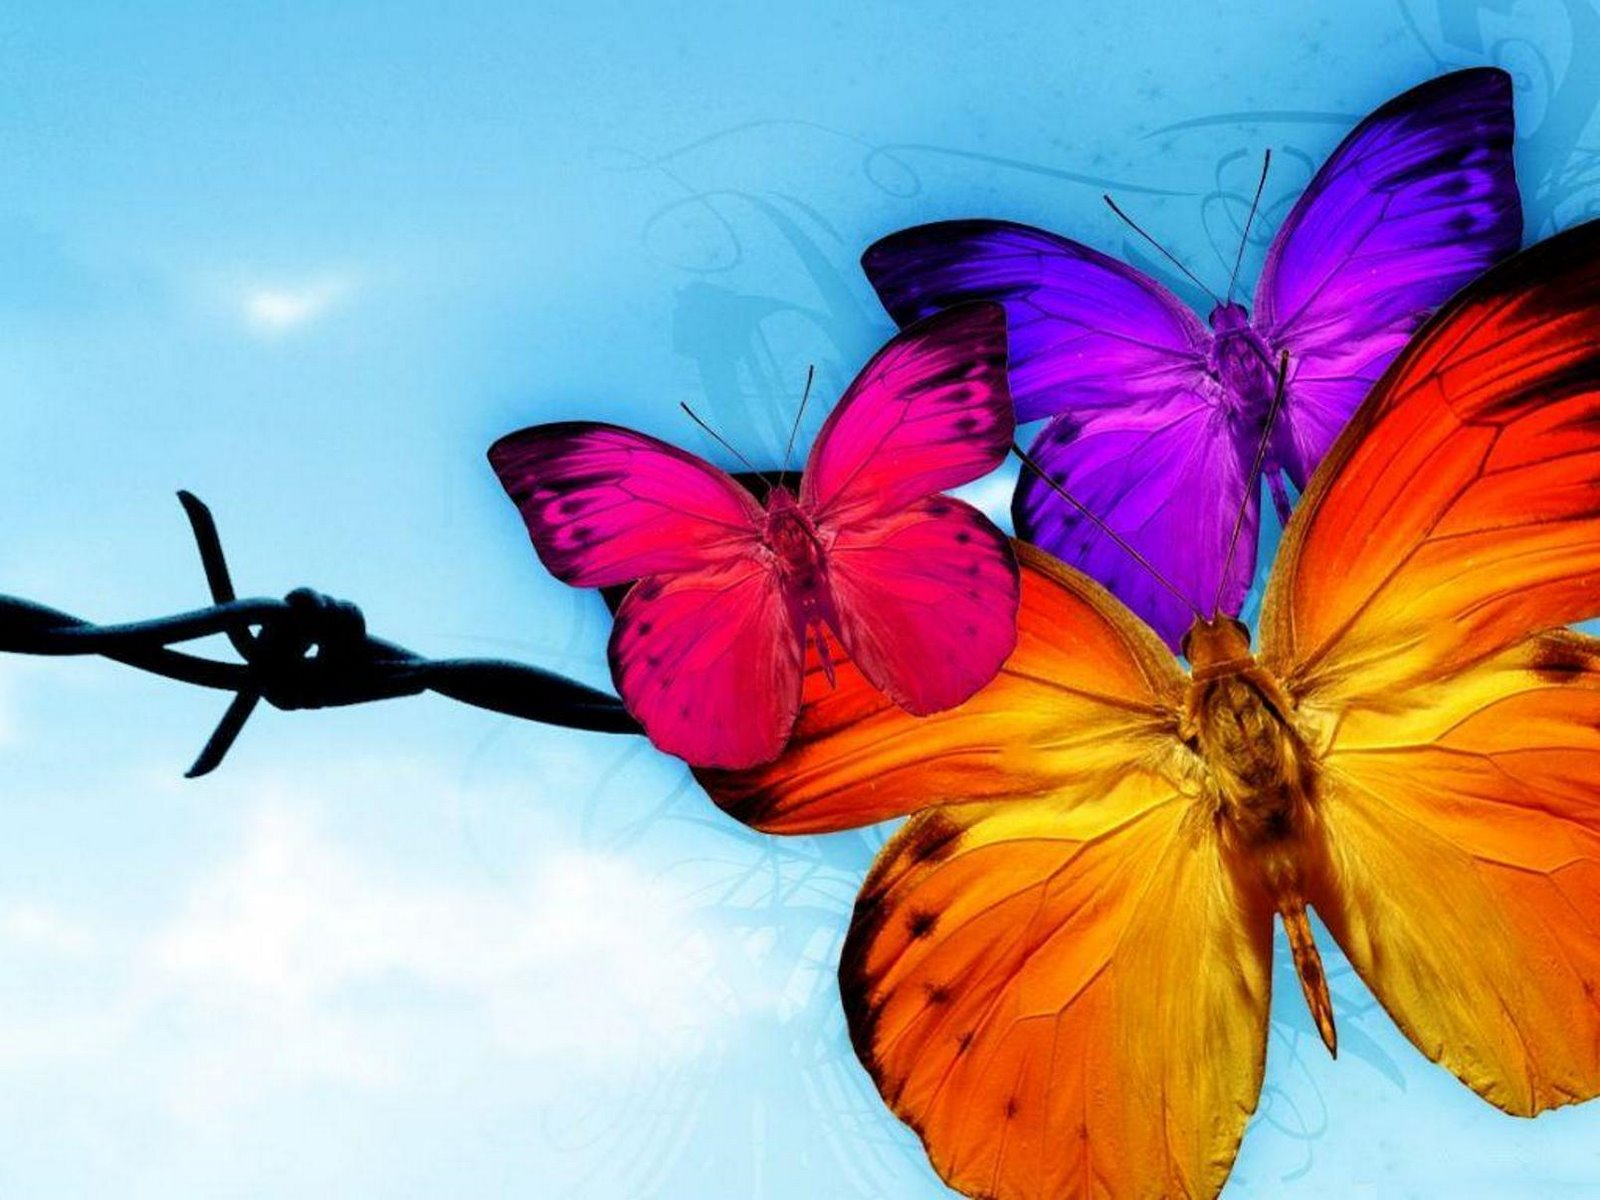 Butterfly Wallpaper Rainbow Butterfly Wallpaper Hd: Butterfly HD Wallpapers